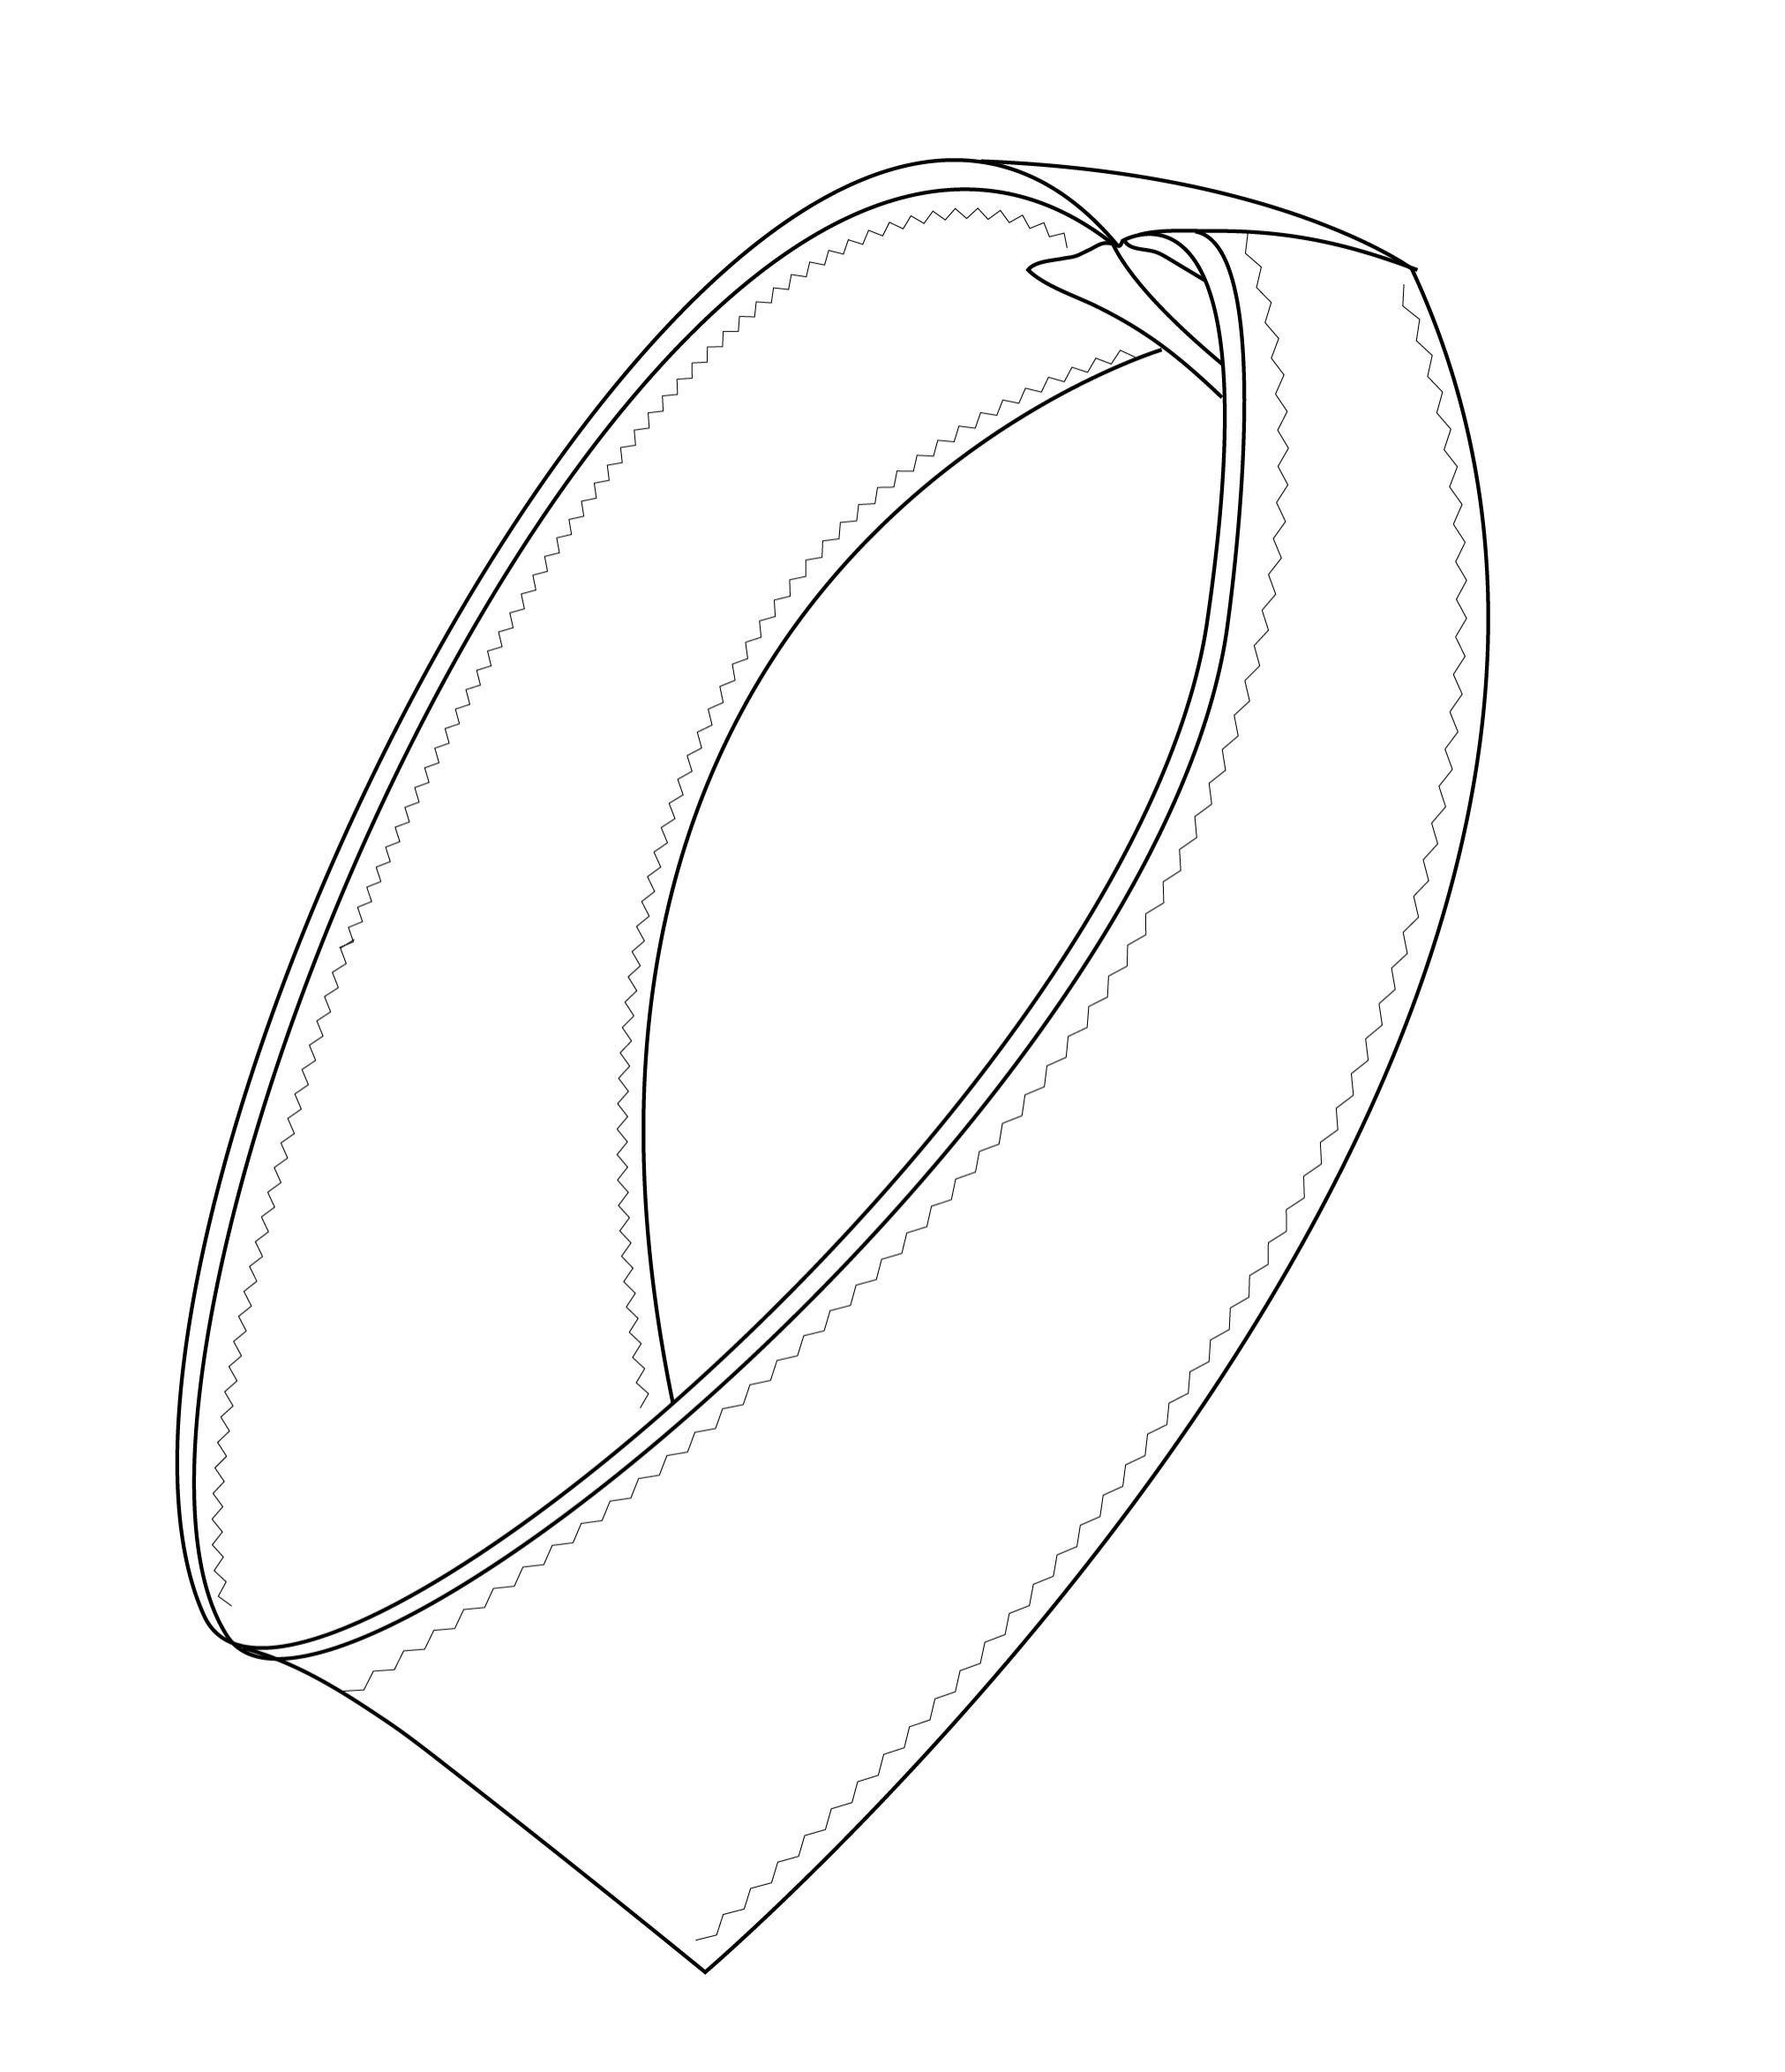 The Marcie Headband Free PDF Pattern